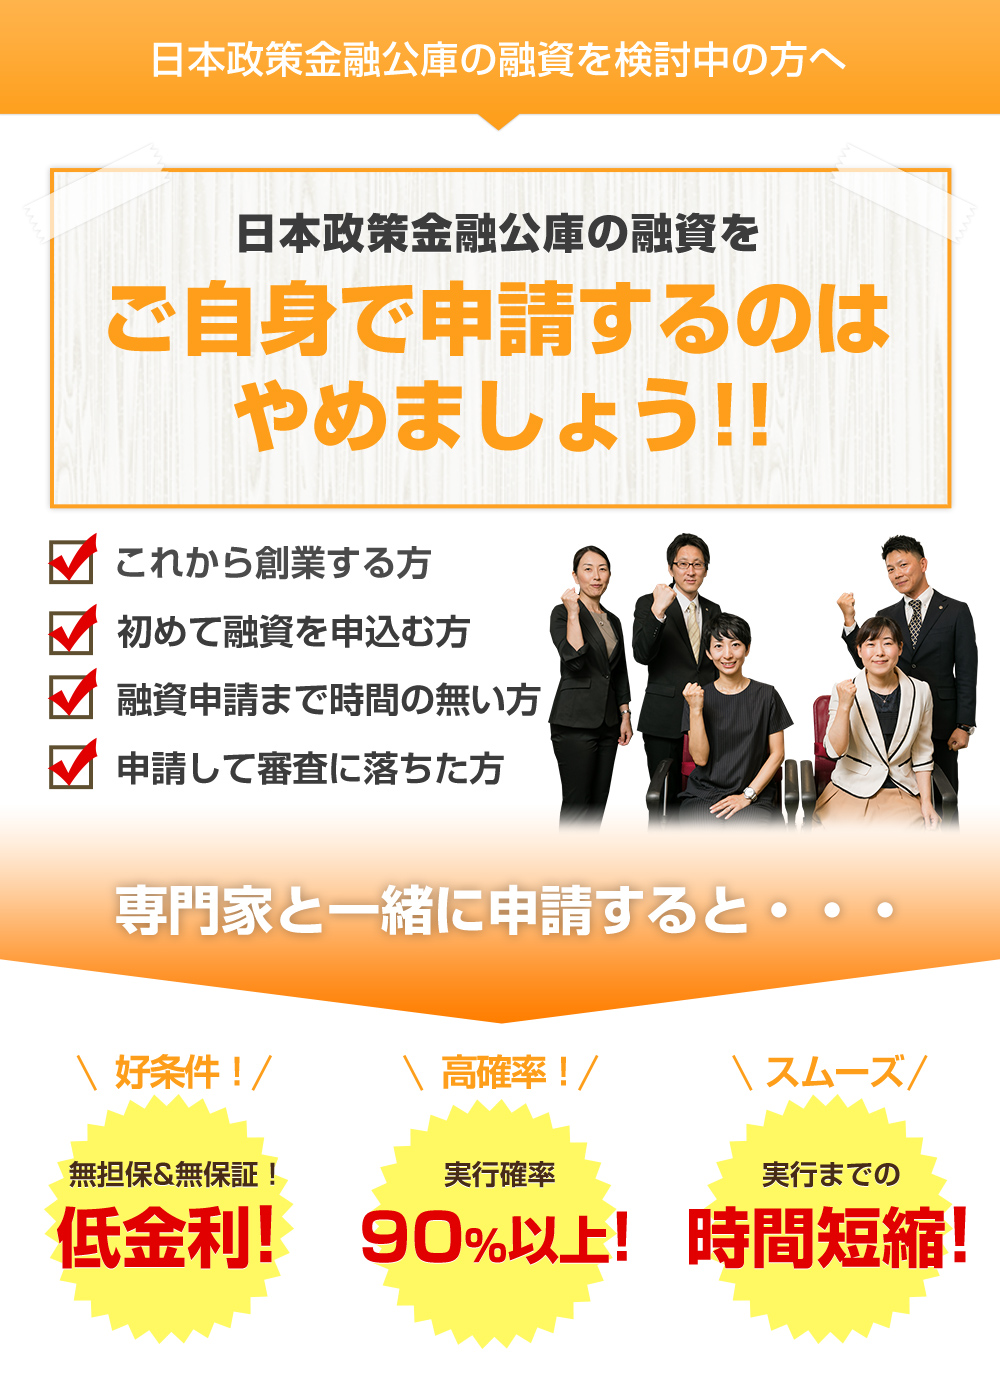 政策 金融 融資 日本 コロナ 公庫